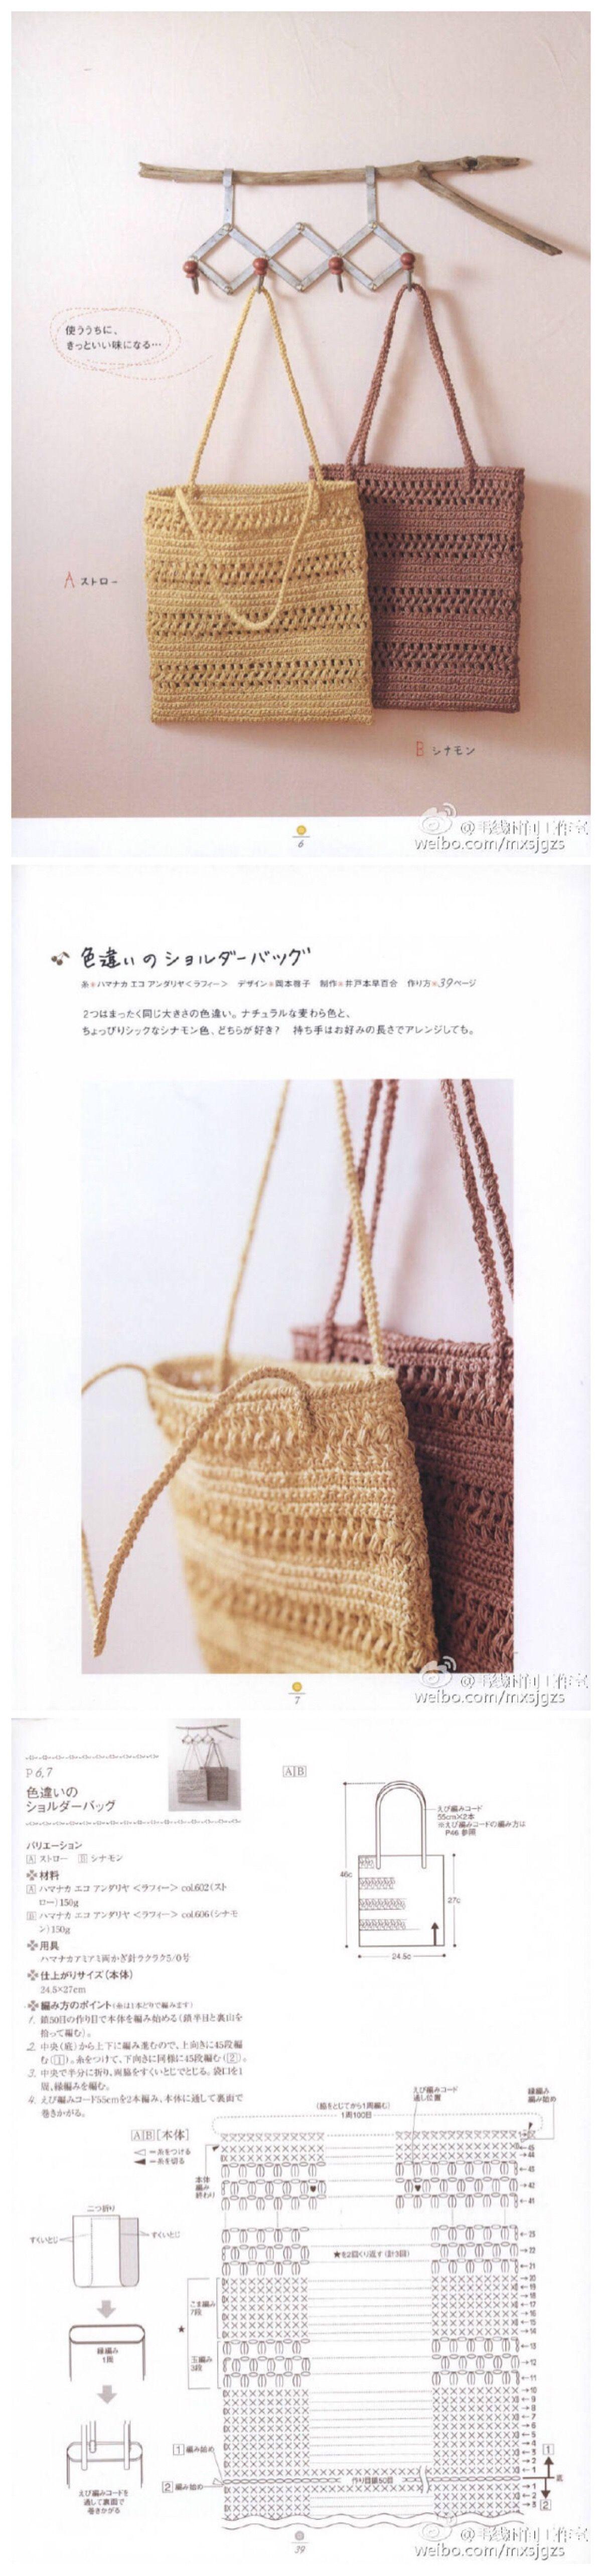 Pin de shiahn Yoo en 코바늘   Pinterest   Bolsos, Bolso tejido y ...